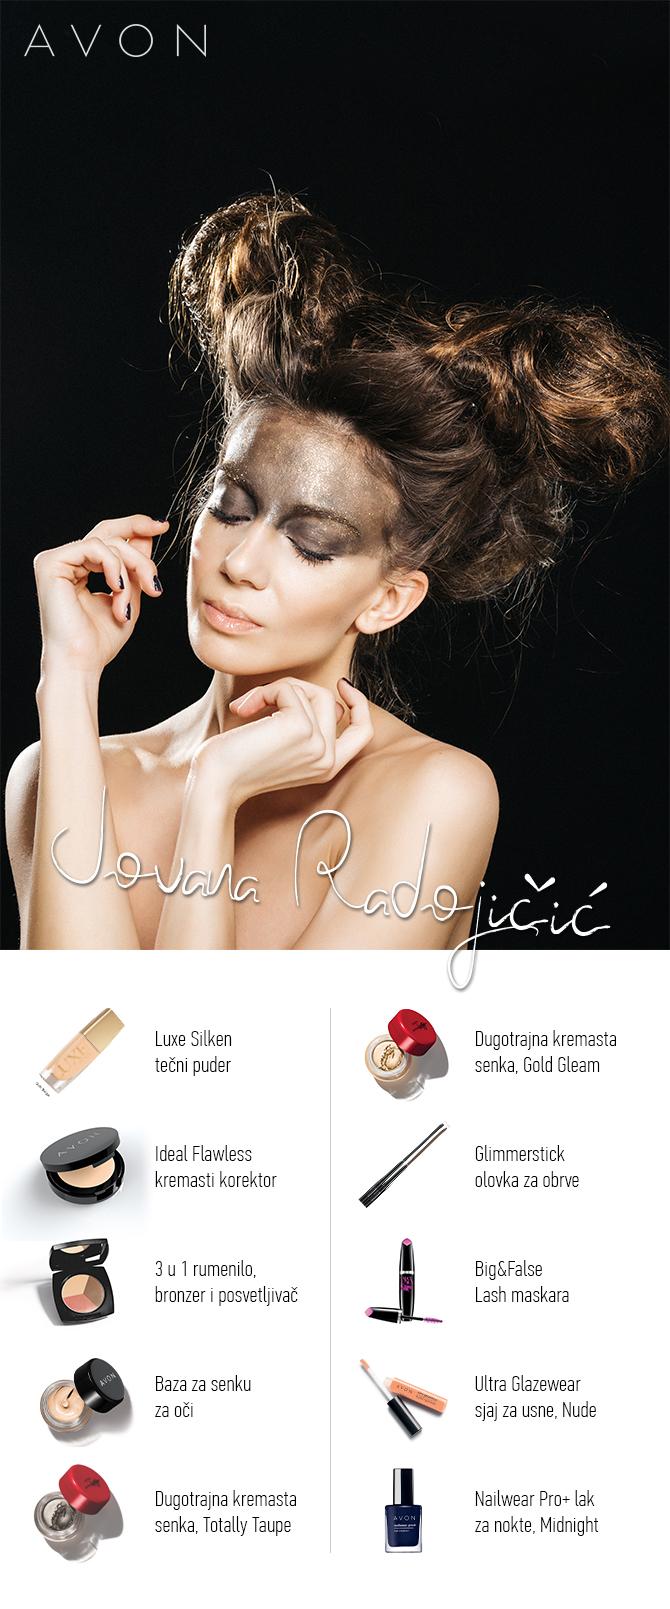 Jovana Radojicic ISKOPIRAJ makeup modnih blogerki: Dramatičan izgled